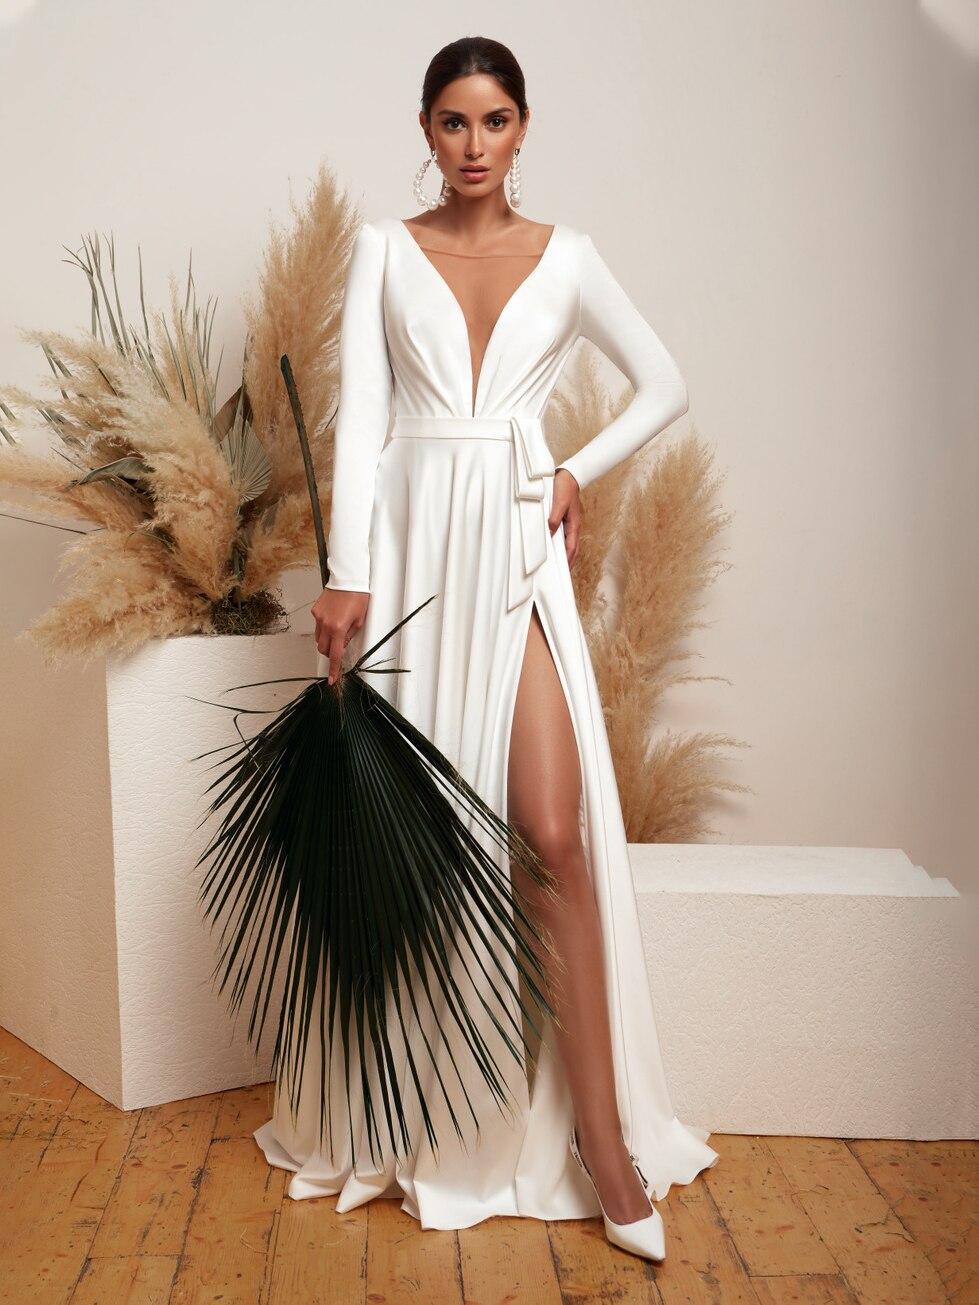 deep-v-neck-satin-wedding-dress-vintage-high-slit-long-sleeves-illuison-back-special-occasion-custom-made-elegant-bridal-gown